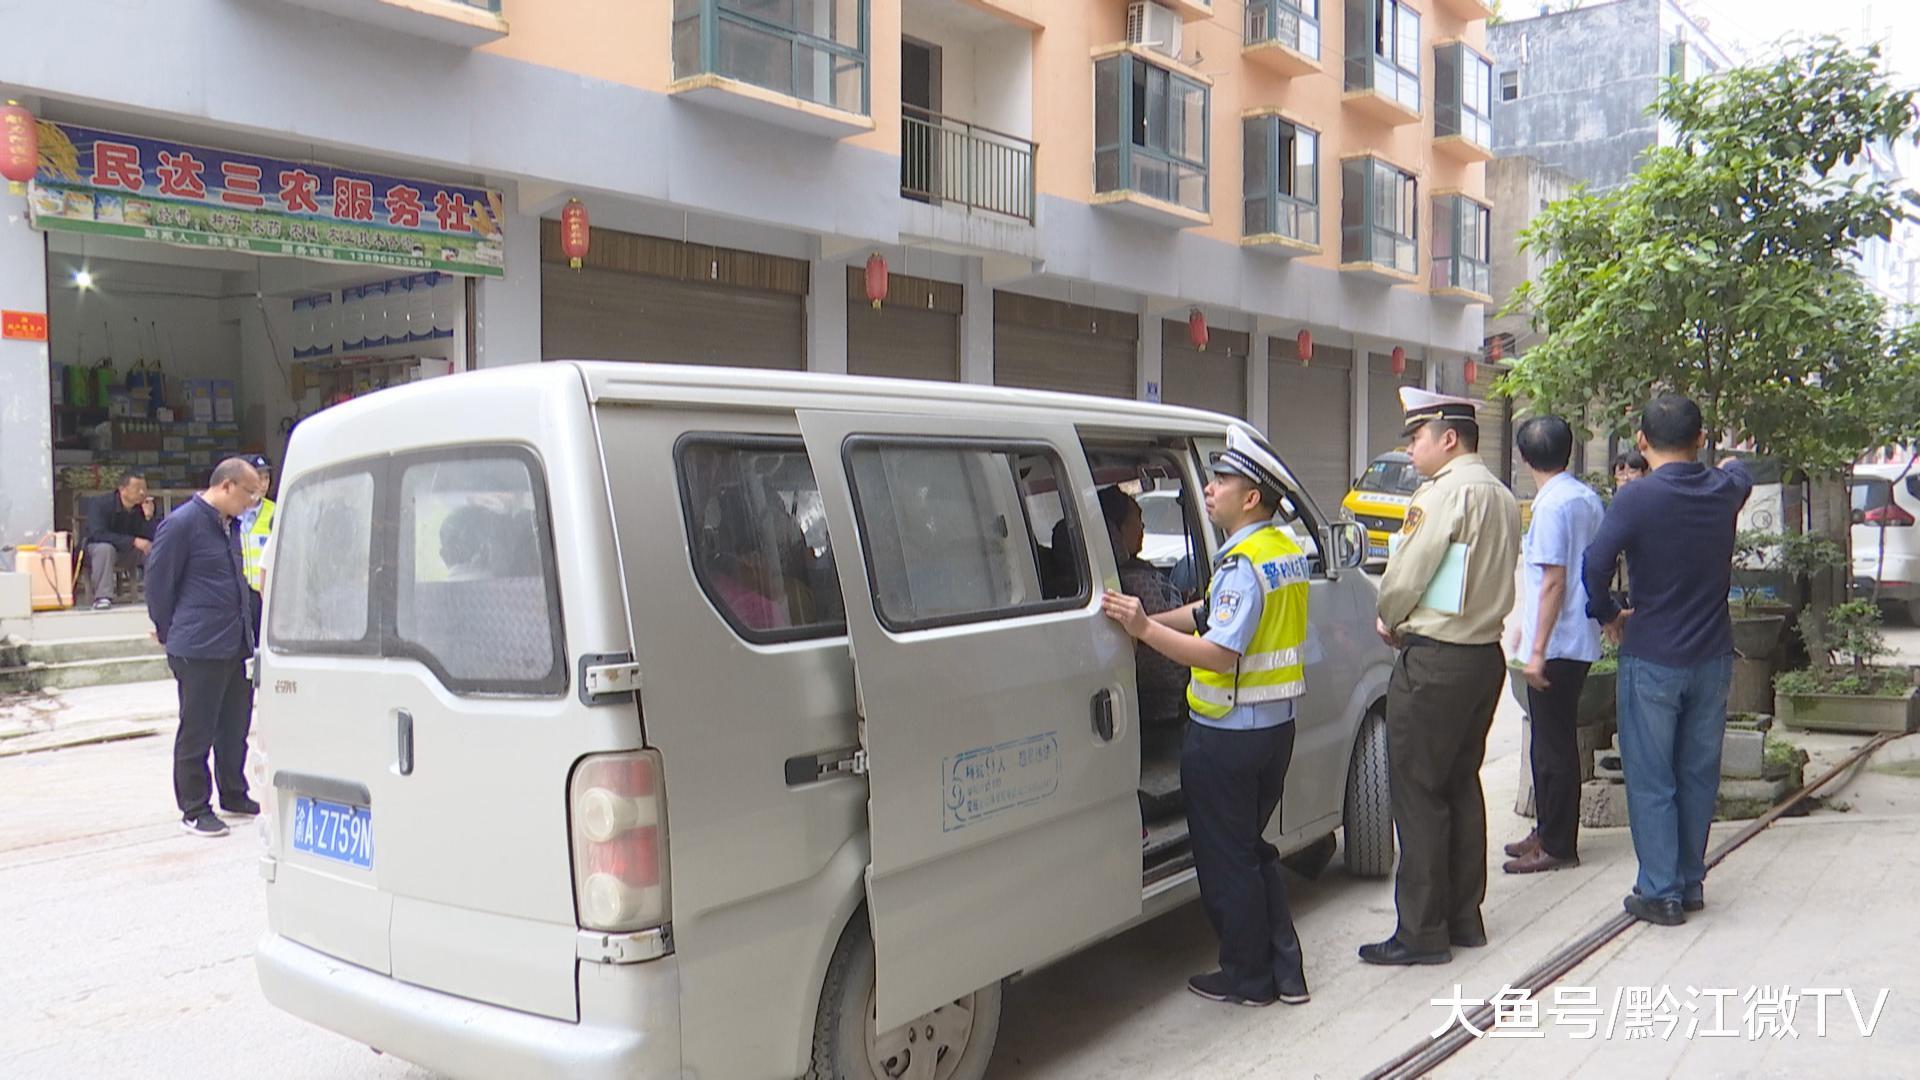 罚款+扣分!这是黔江两面包车非法营运受到的处罚